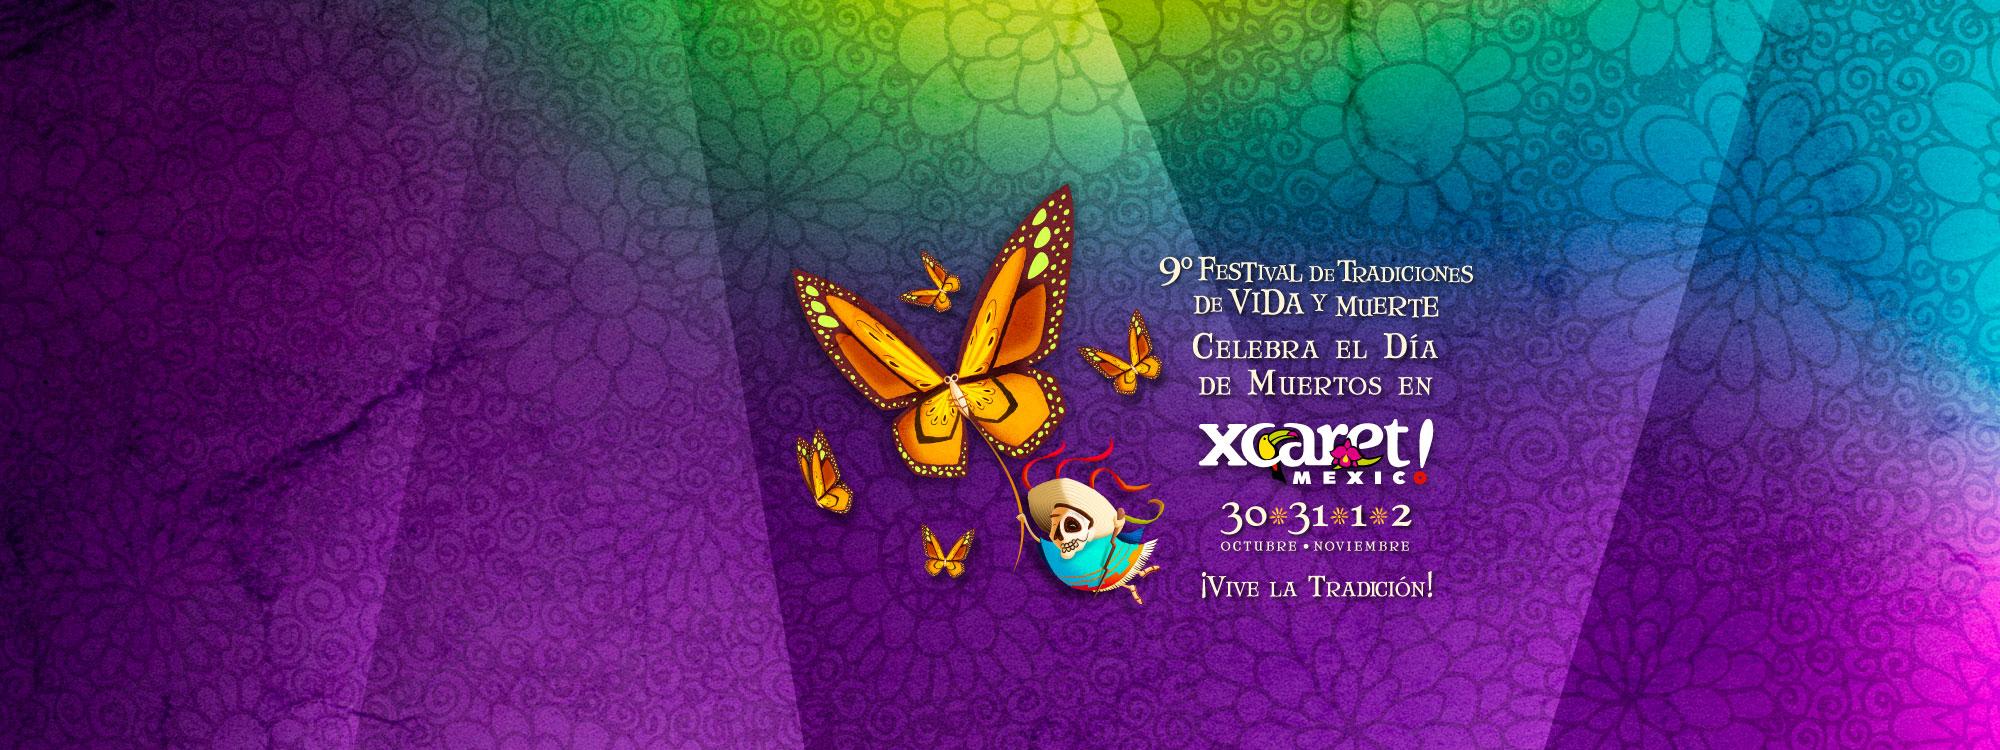 Festival de Tradiciones de Vida y Muerte 2014 @ Xcaret